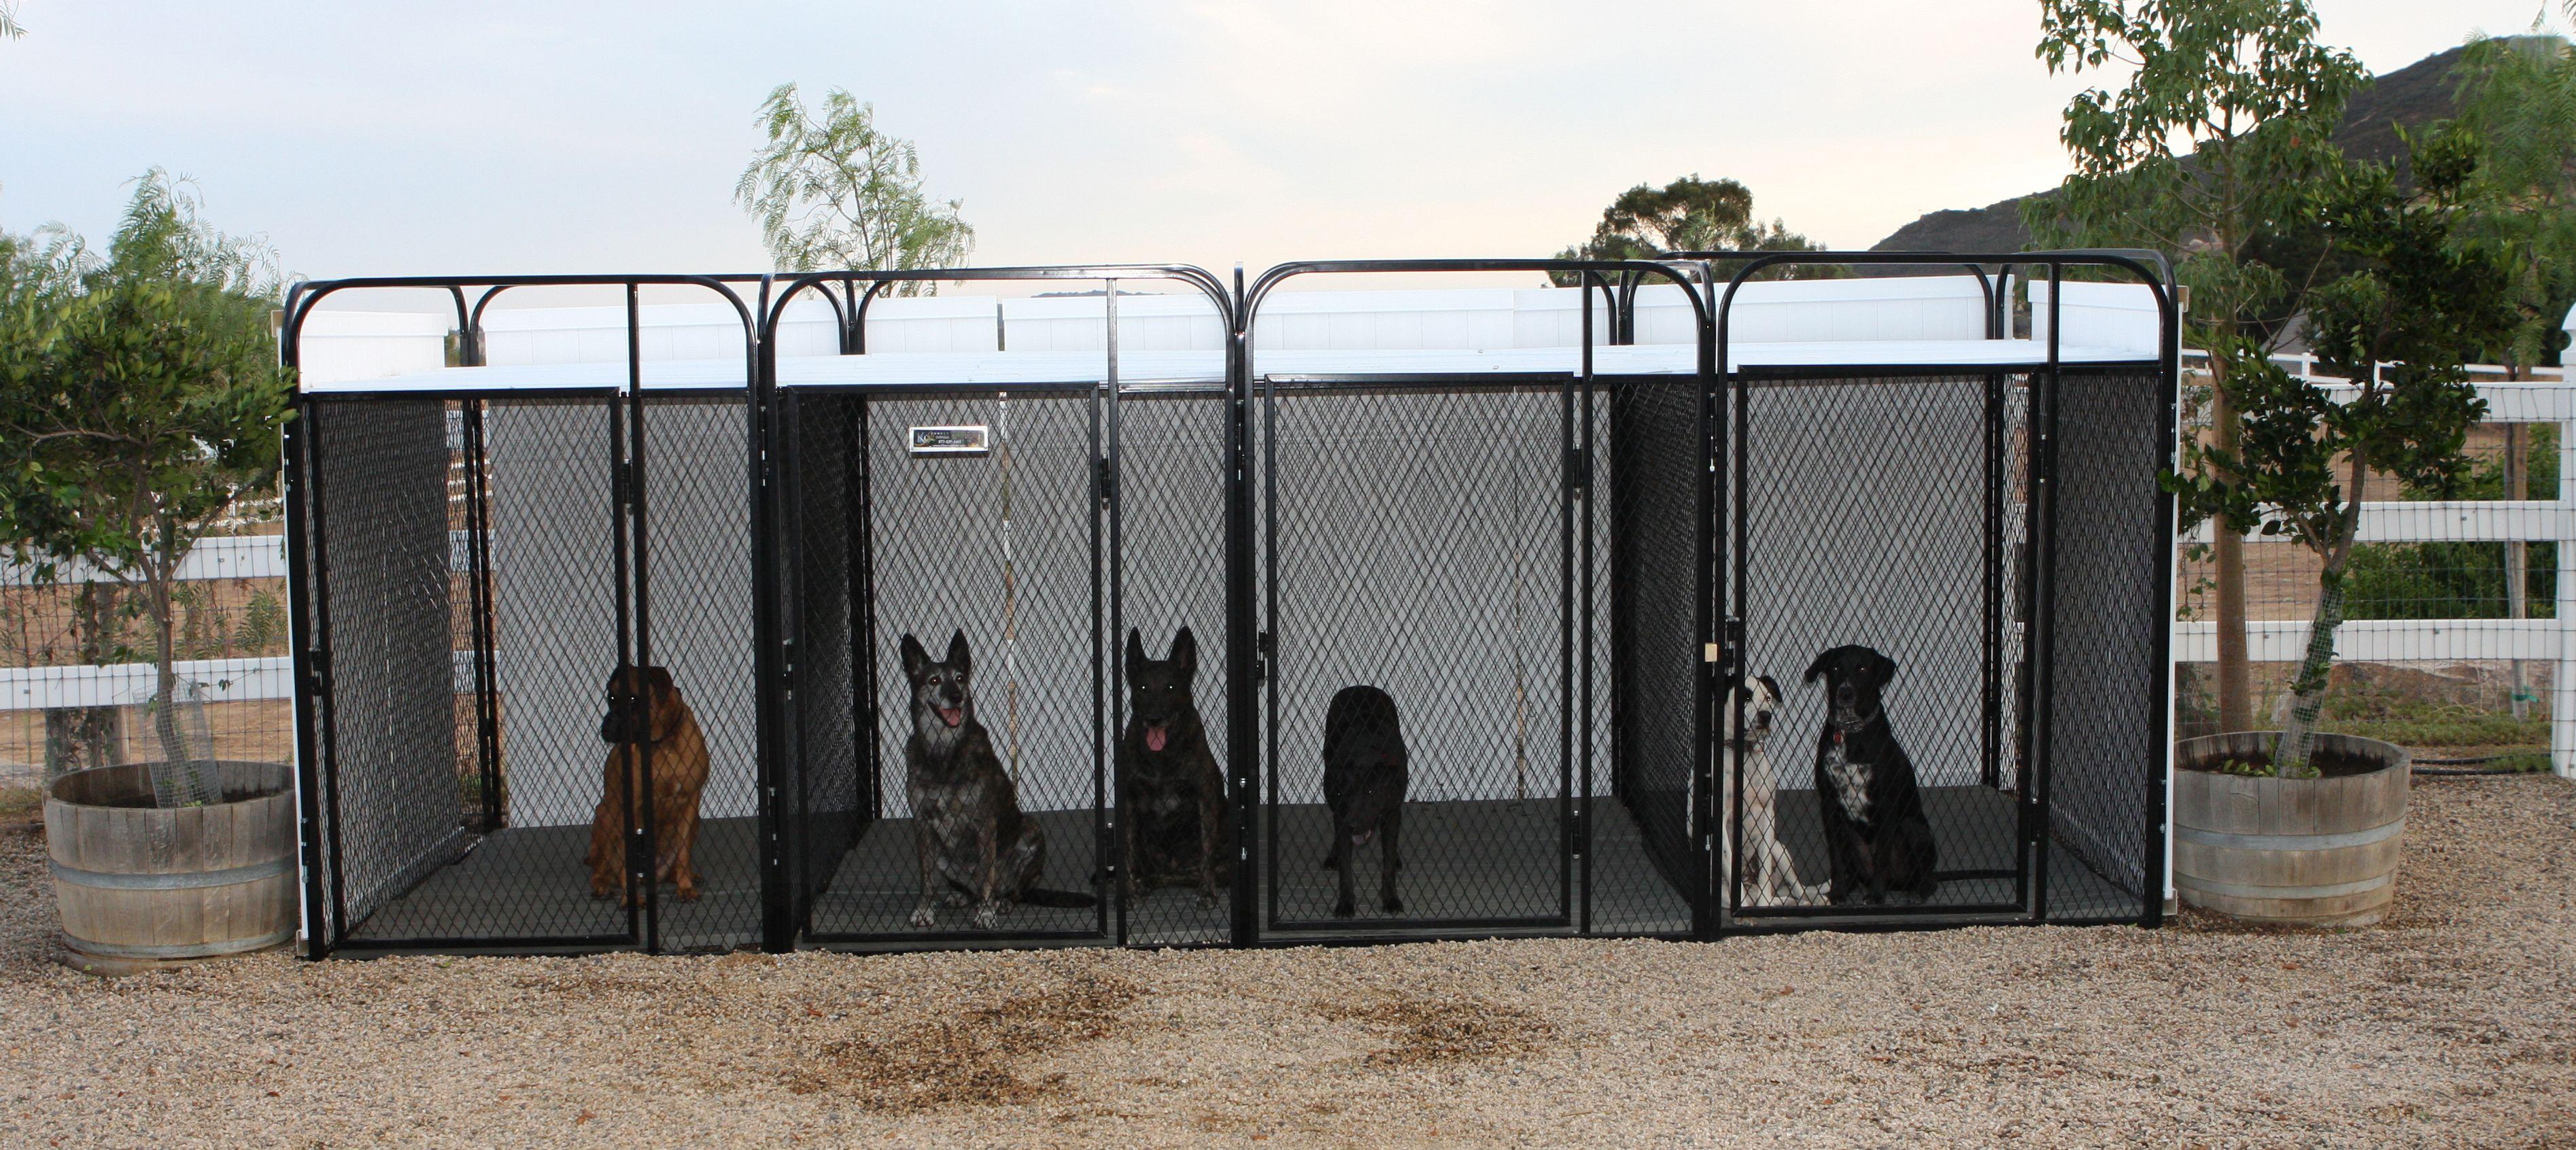 Dog Kennels For Sale Kennel Cages Canine Kennels Akc Kennels Dog Runs K9 Kennel Home Dog Kennel Dog Pens Dog Runs